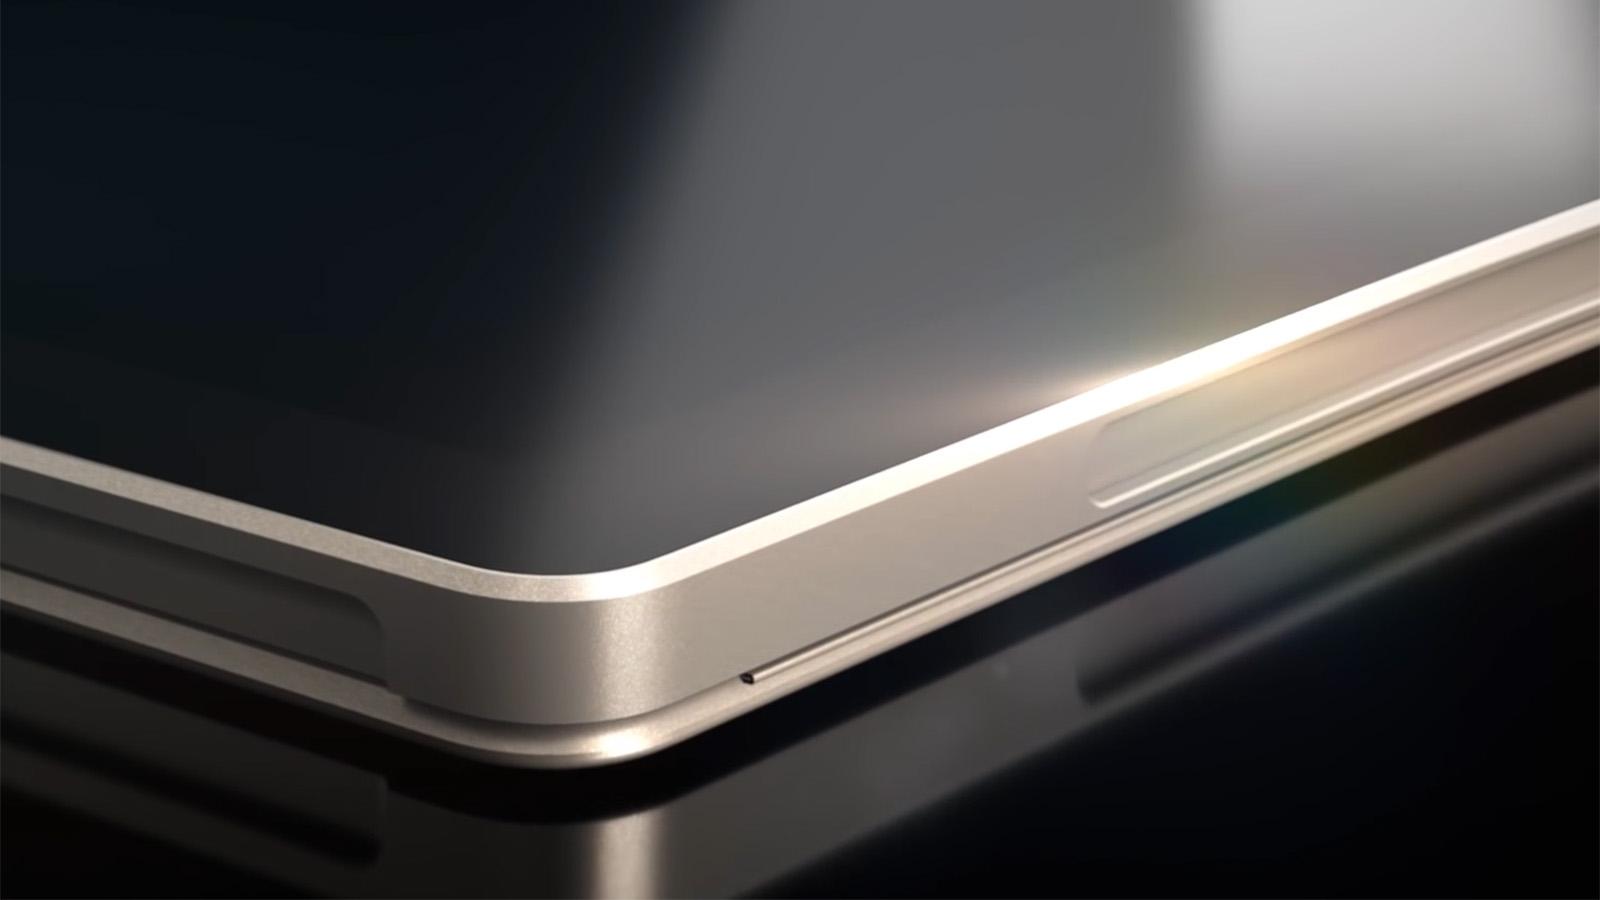 ASUS TransBook 3 デザイン ダイアモンドエッジ